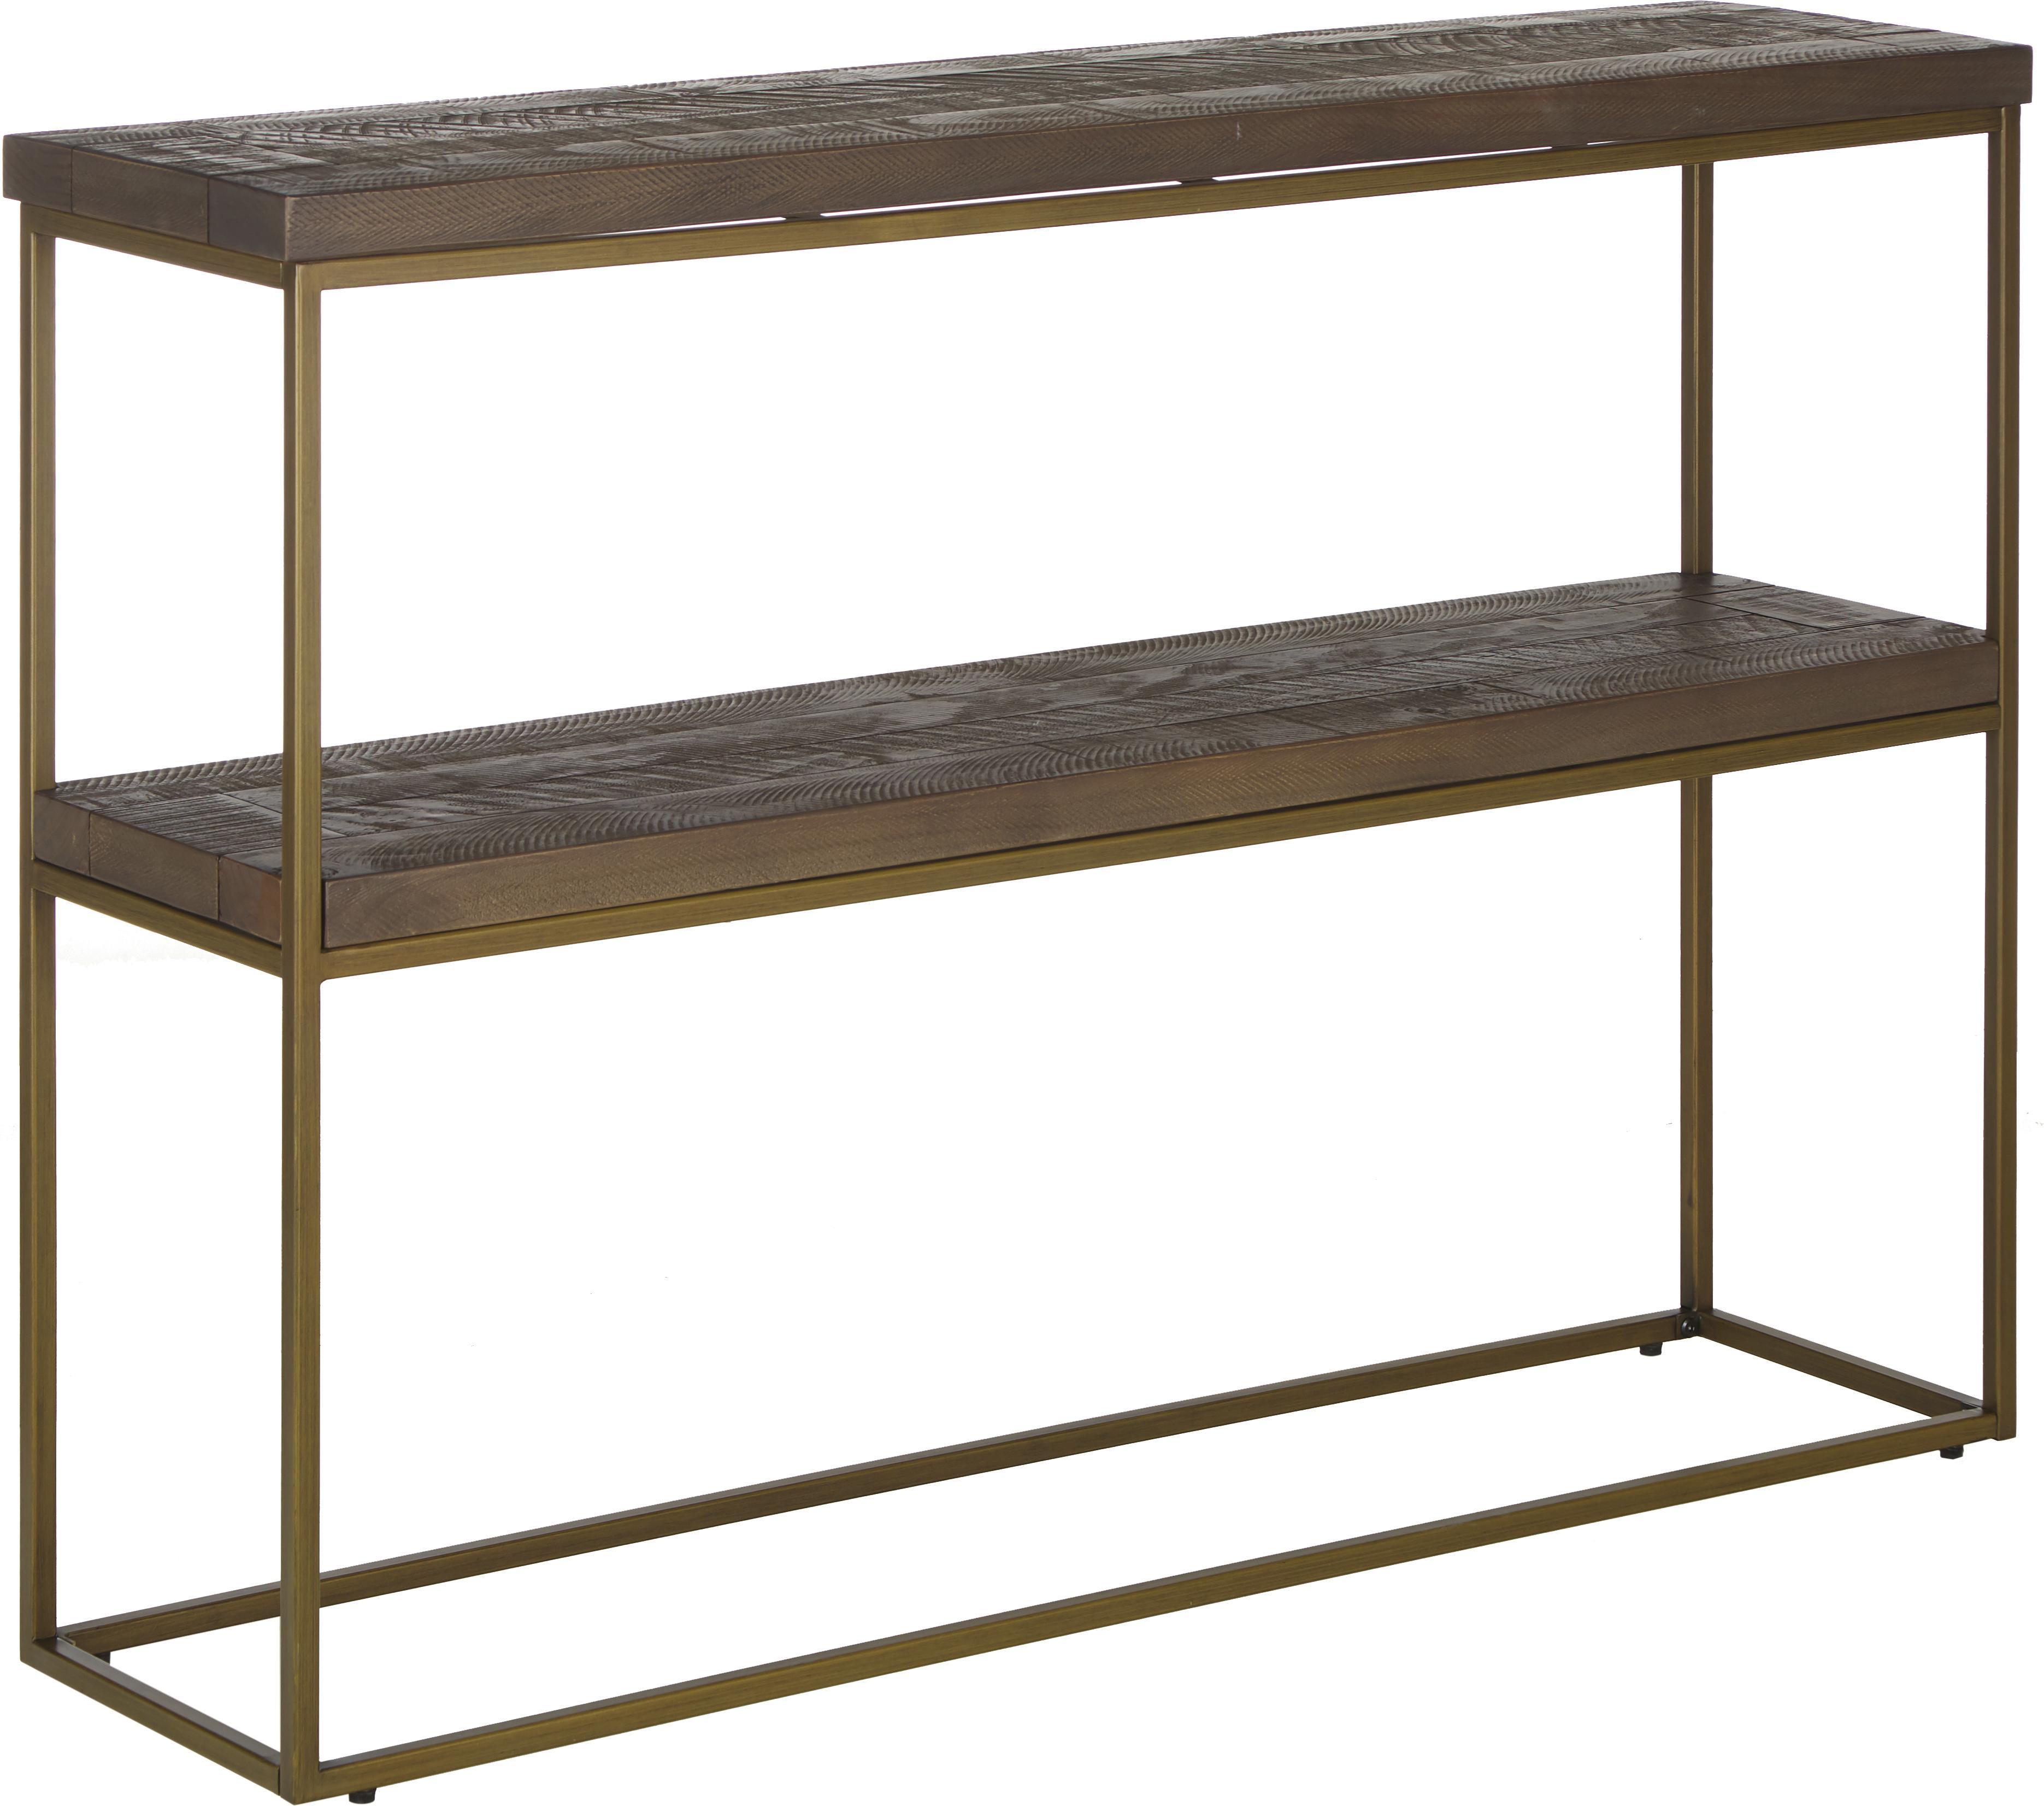 Consola Dalton, estilo industrial, Estantes: madera de pino, curtido, , Estructura: metal, pintado, Gris topo, dorado, An 121 x Al 84 cm